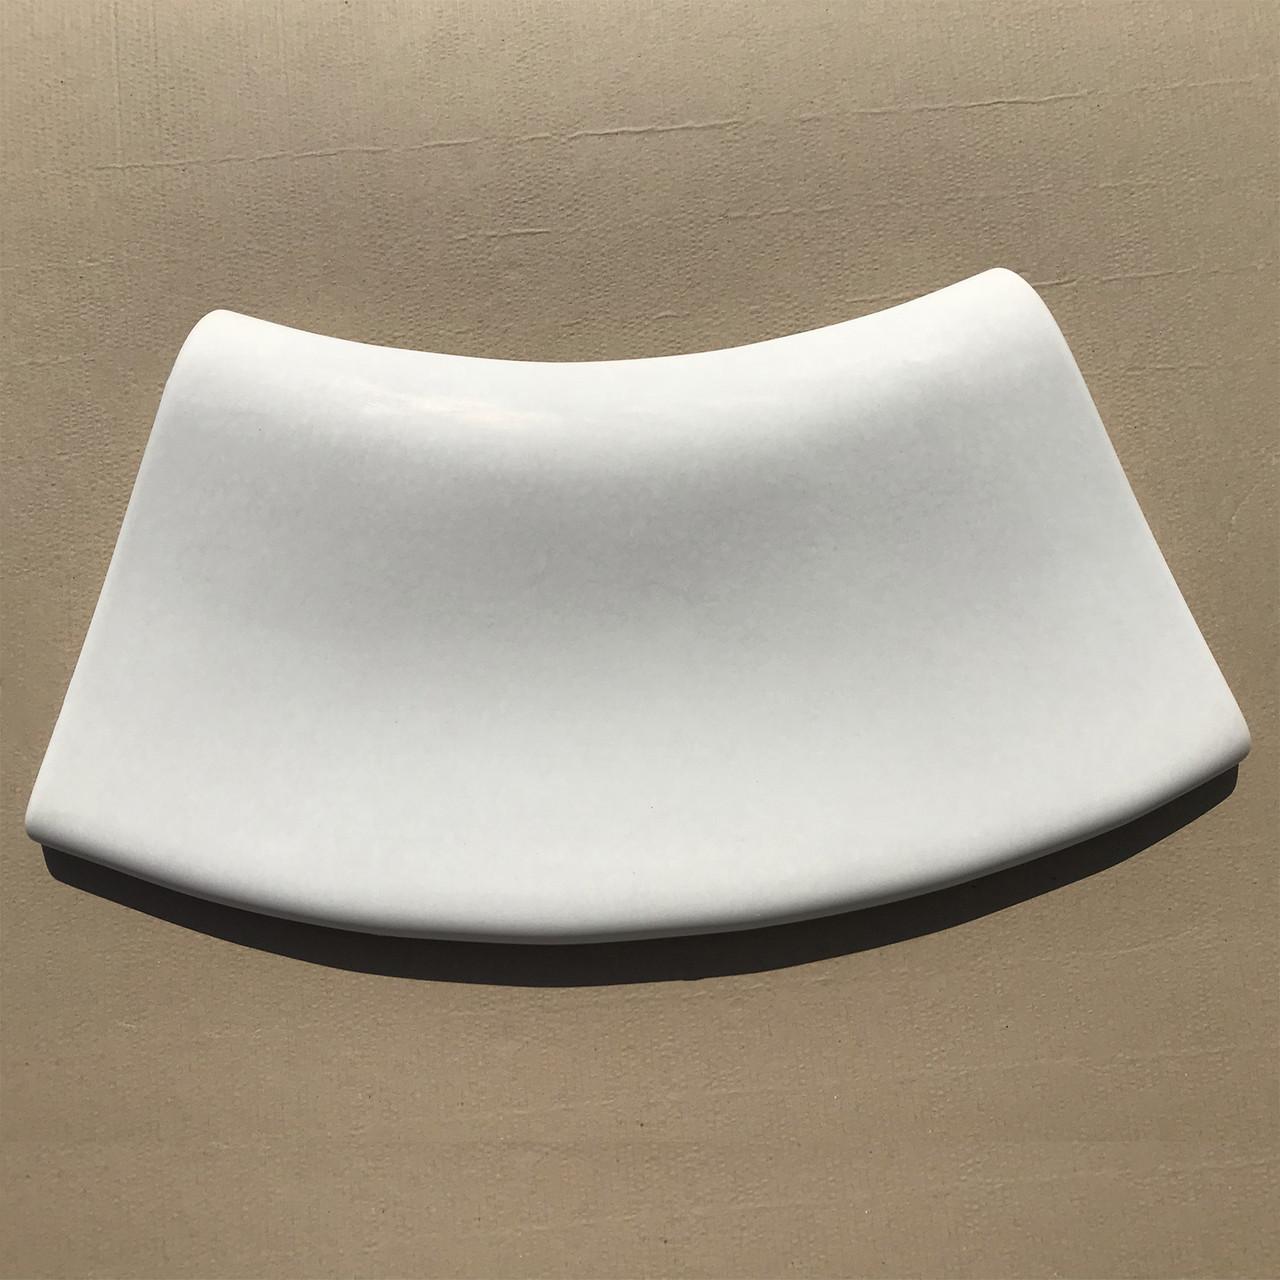 Радиусный копинговый камень 25см R-0,5м бортовой для бассейна